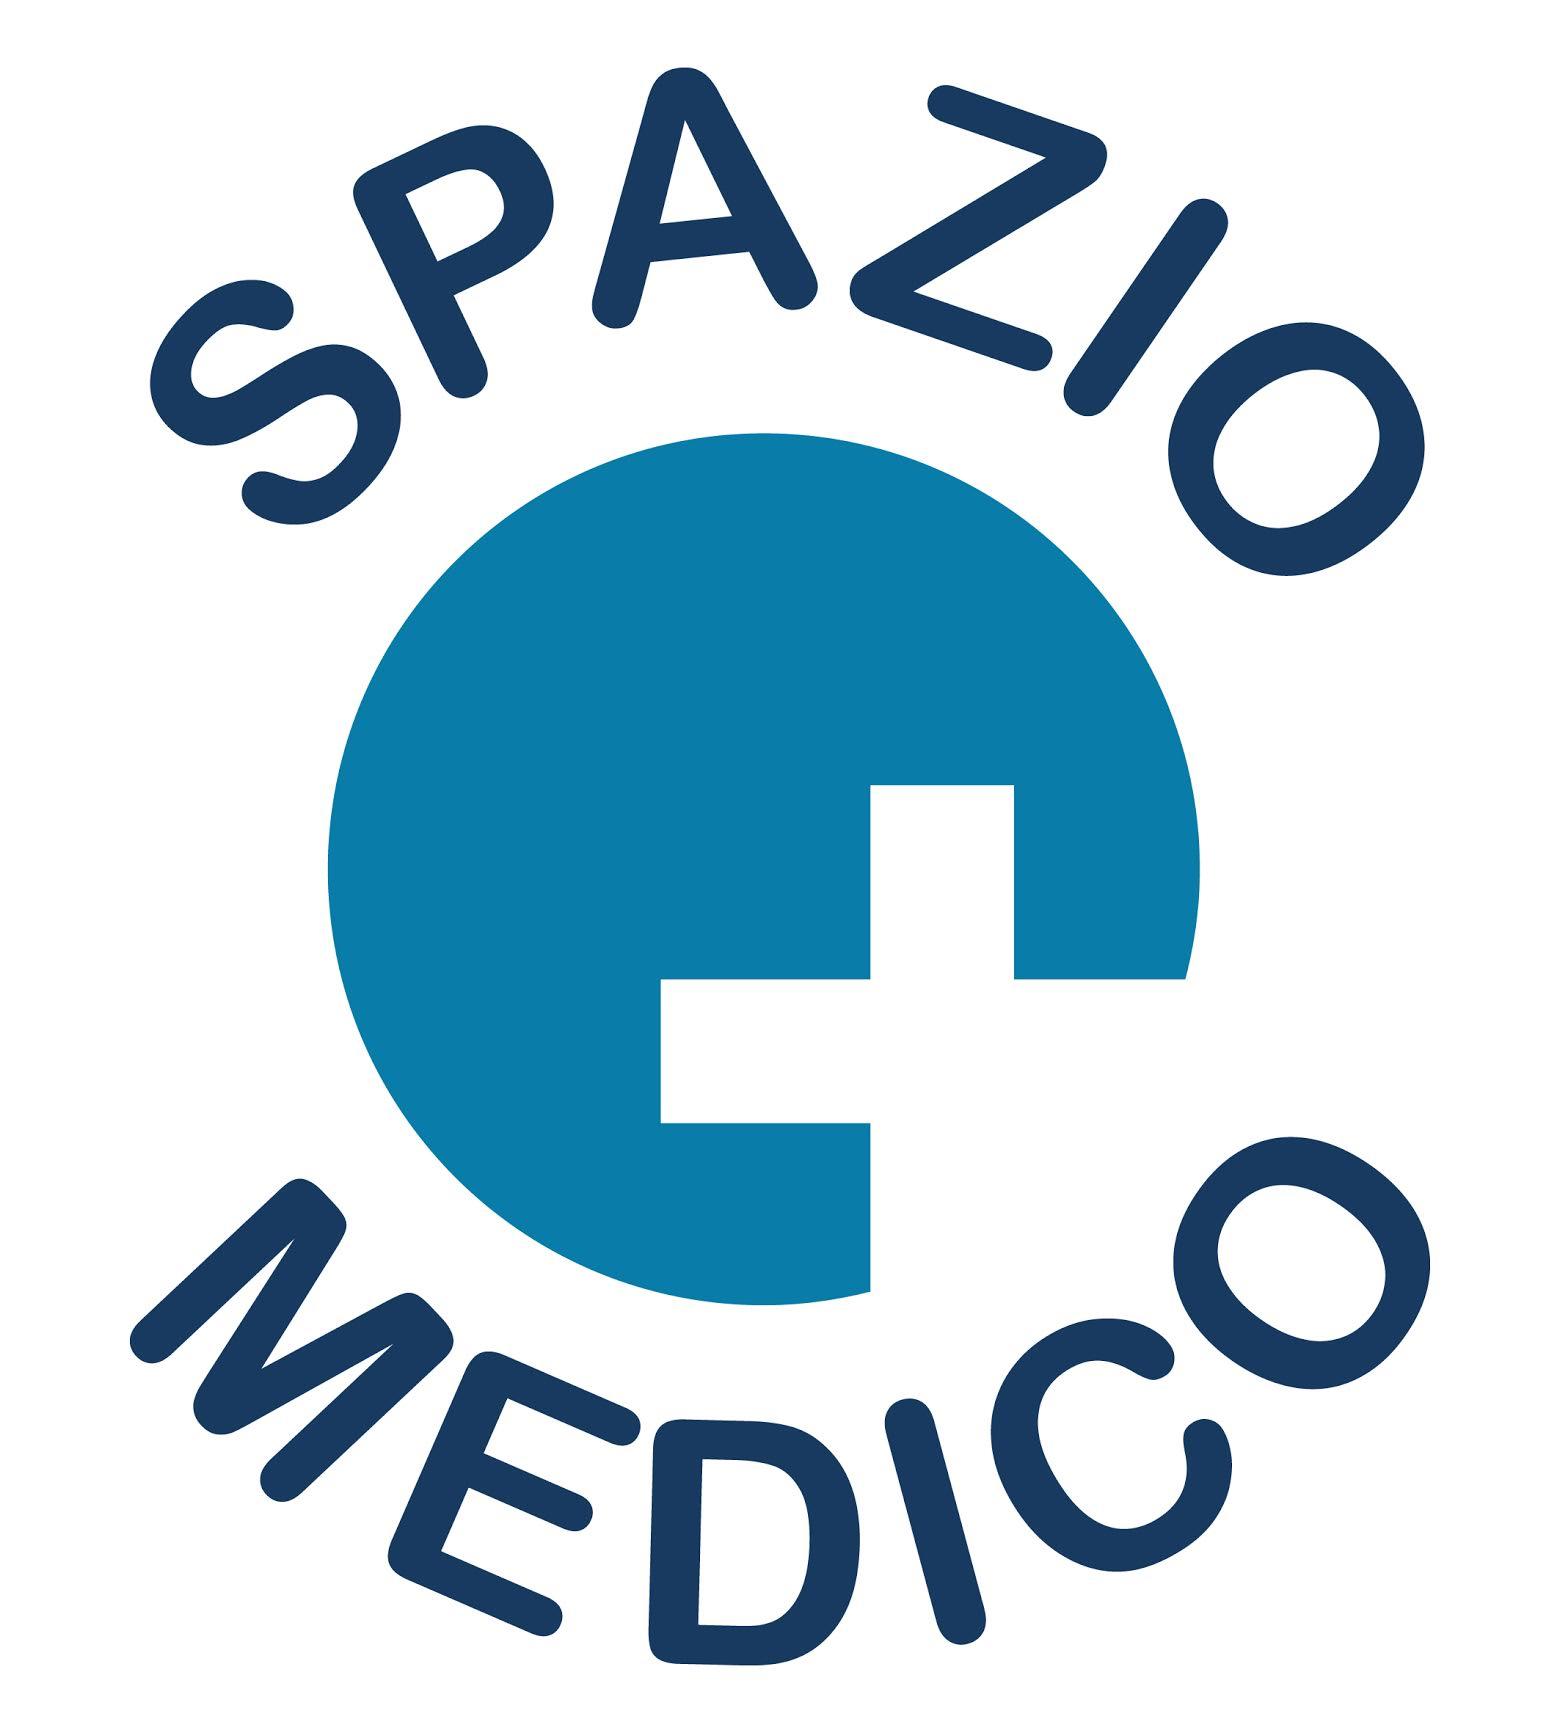 Spazio Medico Poliambulatorio Specialistico e Chirurgico